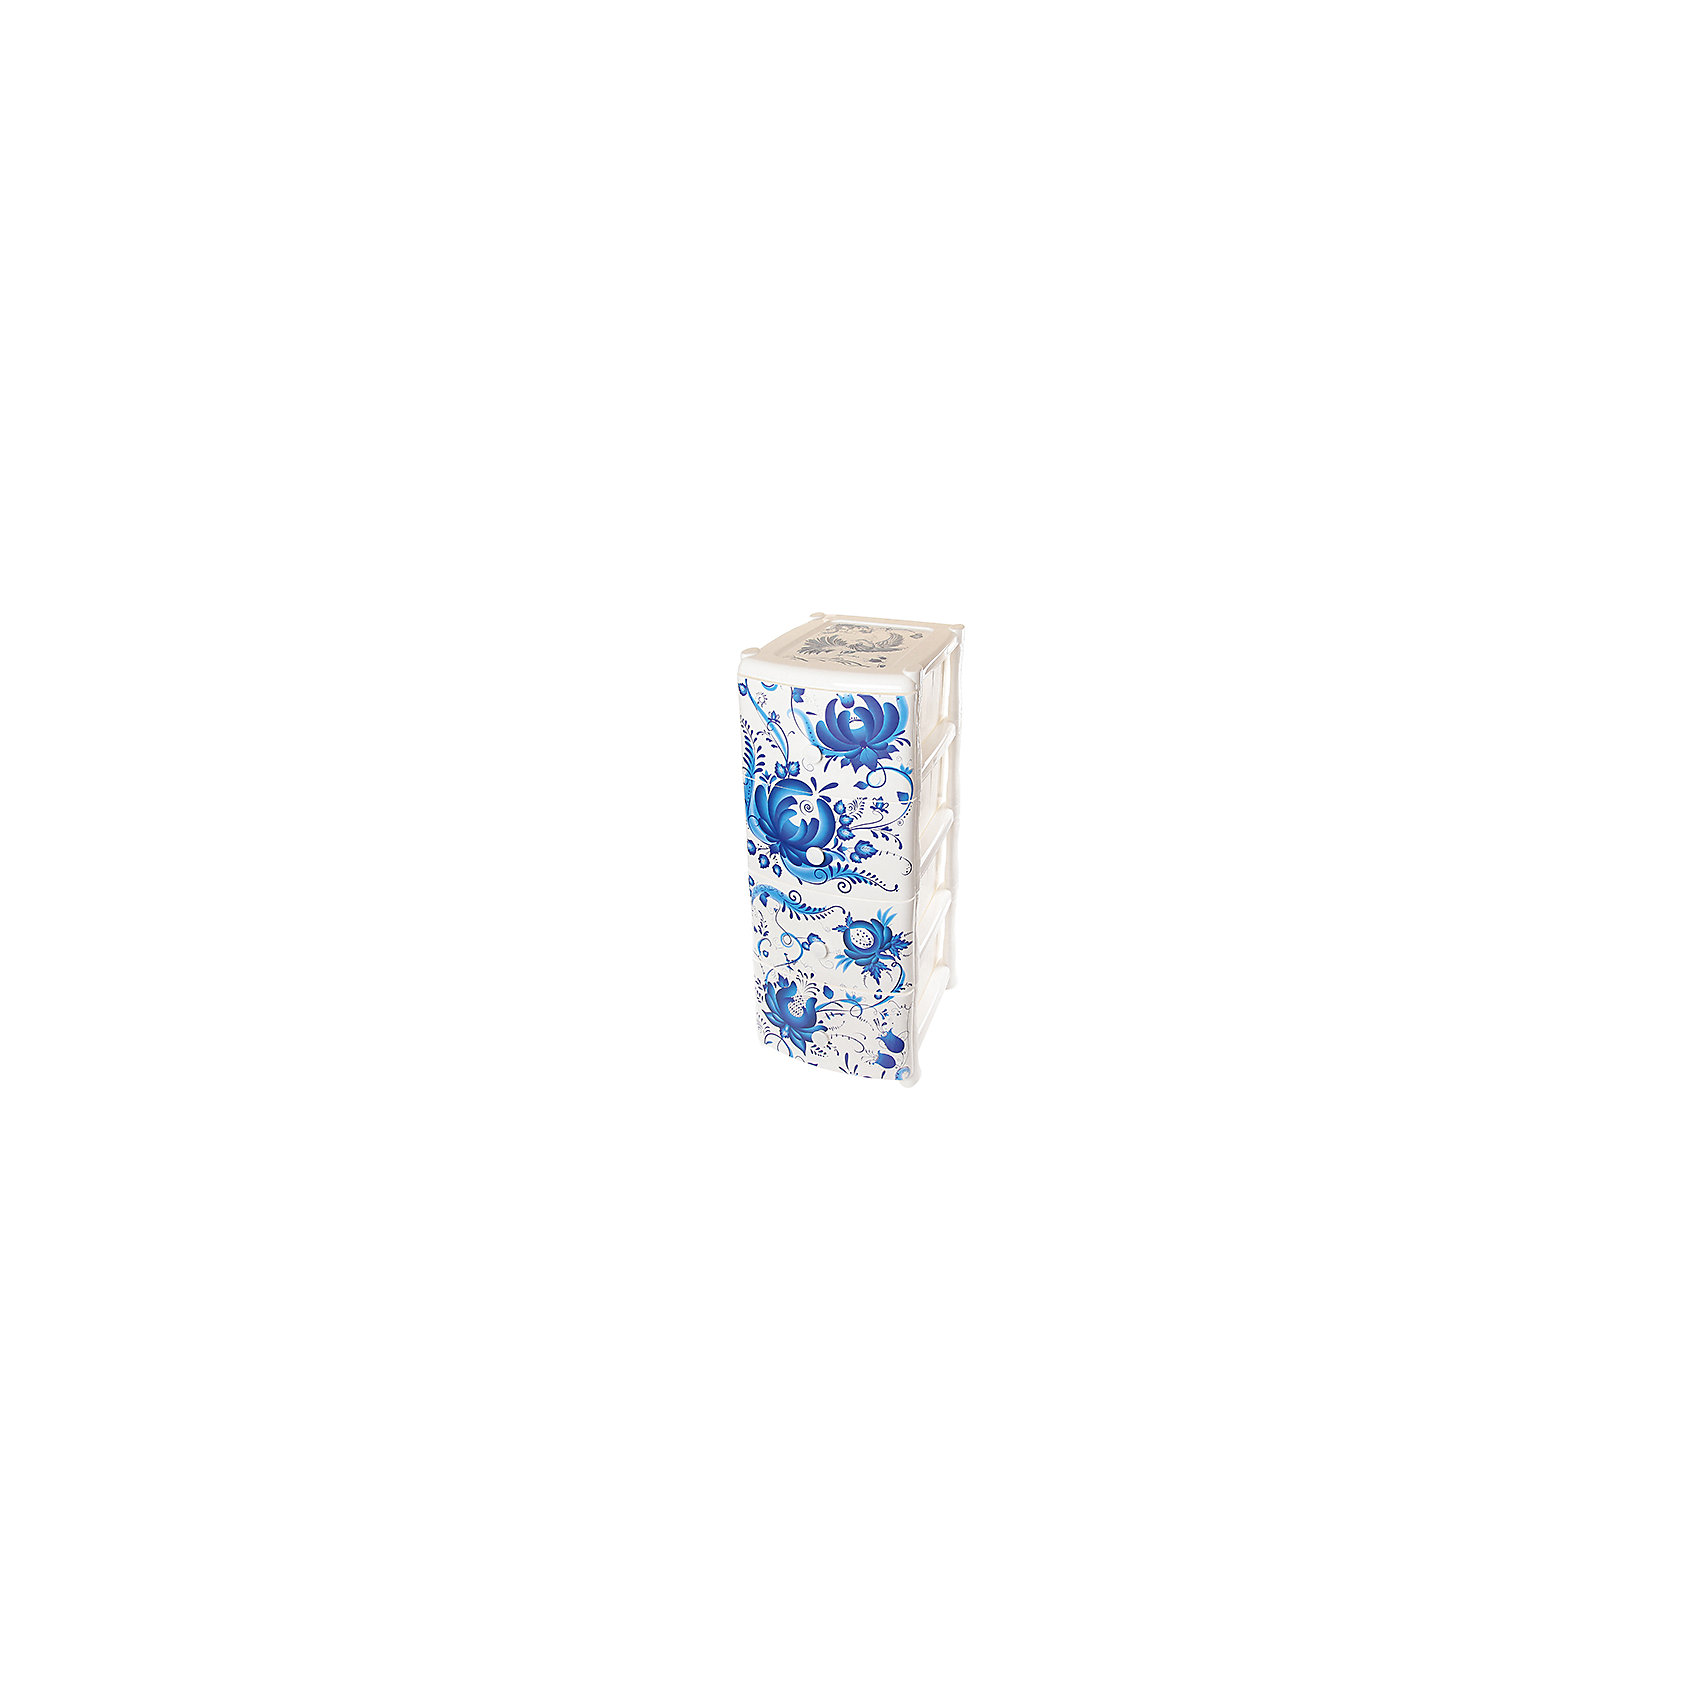 Комод 4-х секционный декор сплошной 40*48*95 см.Гжель, VioletМебель<br>Характеристики товара:<br><br>• цвет: мульти<br>• материал: полипропилен<br>• размер: 95 х 48 х 40 см<br>• вес: 4500 г<br>• с 4 выдвижными ящиками<br>• декорирован принтом<br>• из экологически чистого пластика<br>• удобный<br>• защита от пыли<br>• вместительный<br>• универсальный размер<br>• страна бренда: Российская Федерация<br>• страна производства: Российская Федерация<br><br>Этот комод - отличный пример красивой и функциональной вещи для любого интерьера. В нем удобной хранить различные мелочи, благодаря универсальному дизайну и расцветке он хорошо будет смотреться в помещении. Отлично подходит для ванных комнат. Поставляется в разобранном виде.<br><br>Комод для хранения может стать отличным приобретением для дома или подарком для любителей красивых оригинальных вещей.<br><br>Бренд Violet - это красивые и практичные товары для дома с современным дизайном. Они добавляют в жильё уюта и комфорта! <br><br>Комод 4-х секционный декор сплошной 40*48*95 см.Гжель, Violet, можно купить в нашем интернет-магазине.<br><br>Ширина мм: 480<br>Глубина мм: 410<br>Высота мм: 410<br>Вес г: 4570<br>Возраст от месяцев: 0<br>Возраст до месяцев: 1188<br>Пол: Унисекс<br>Возраст: Детский<br>SKU: 6668837